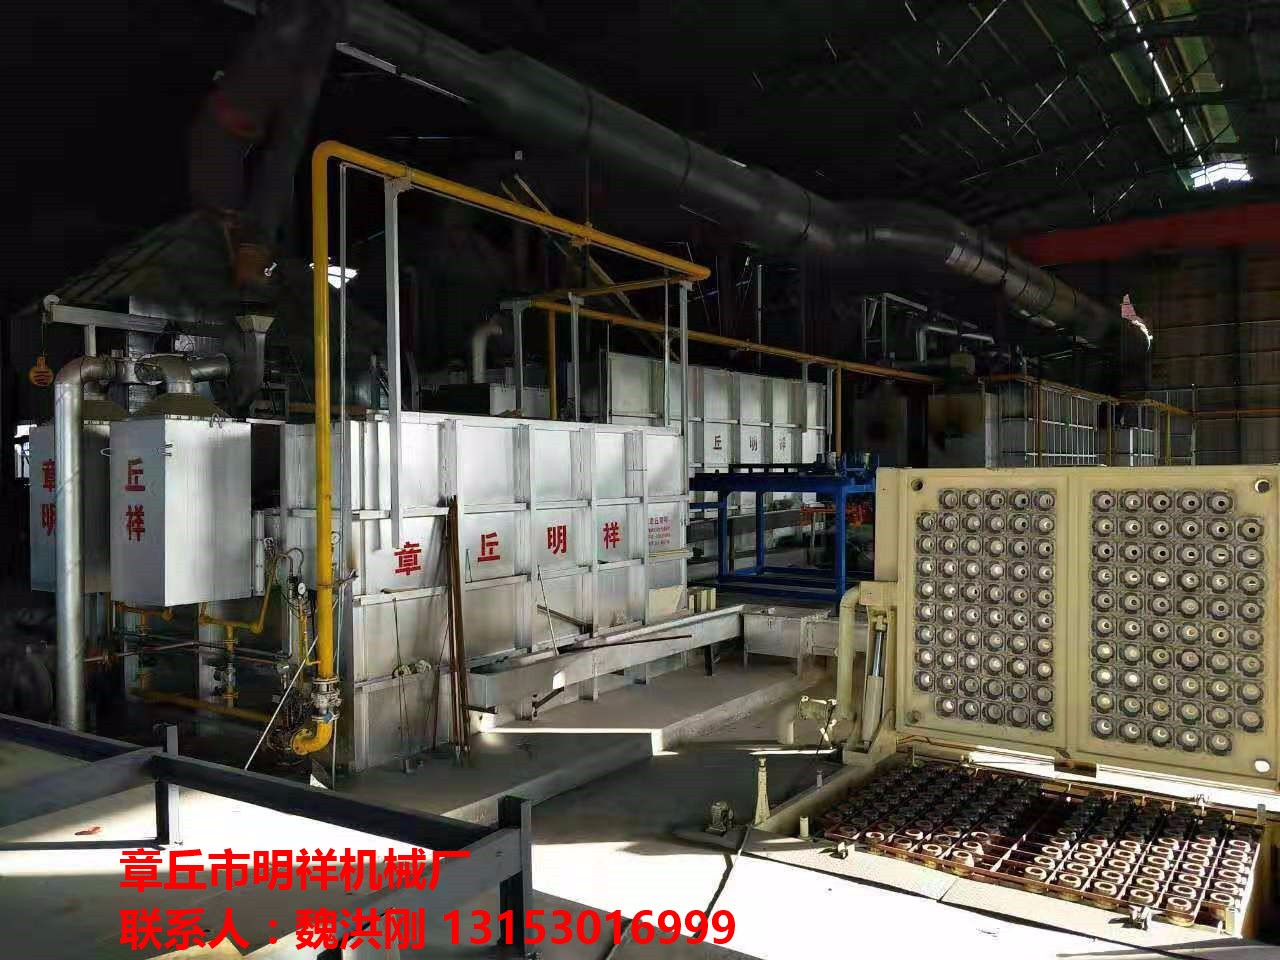 韶关市熔铝炉蓄热式熔铝炉厂家+推荐咨询